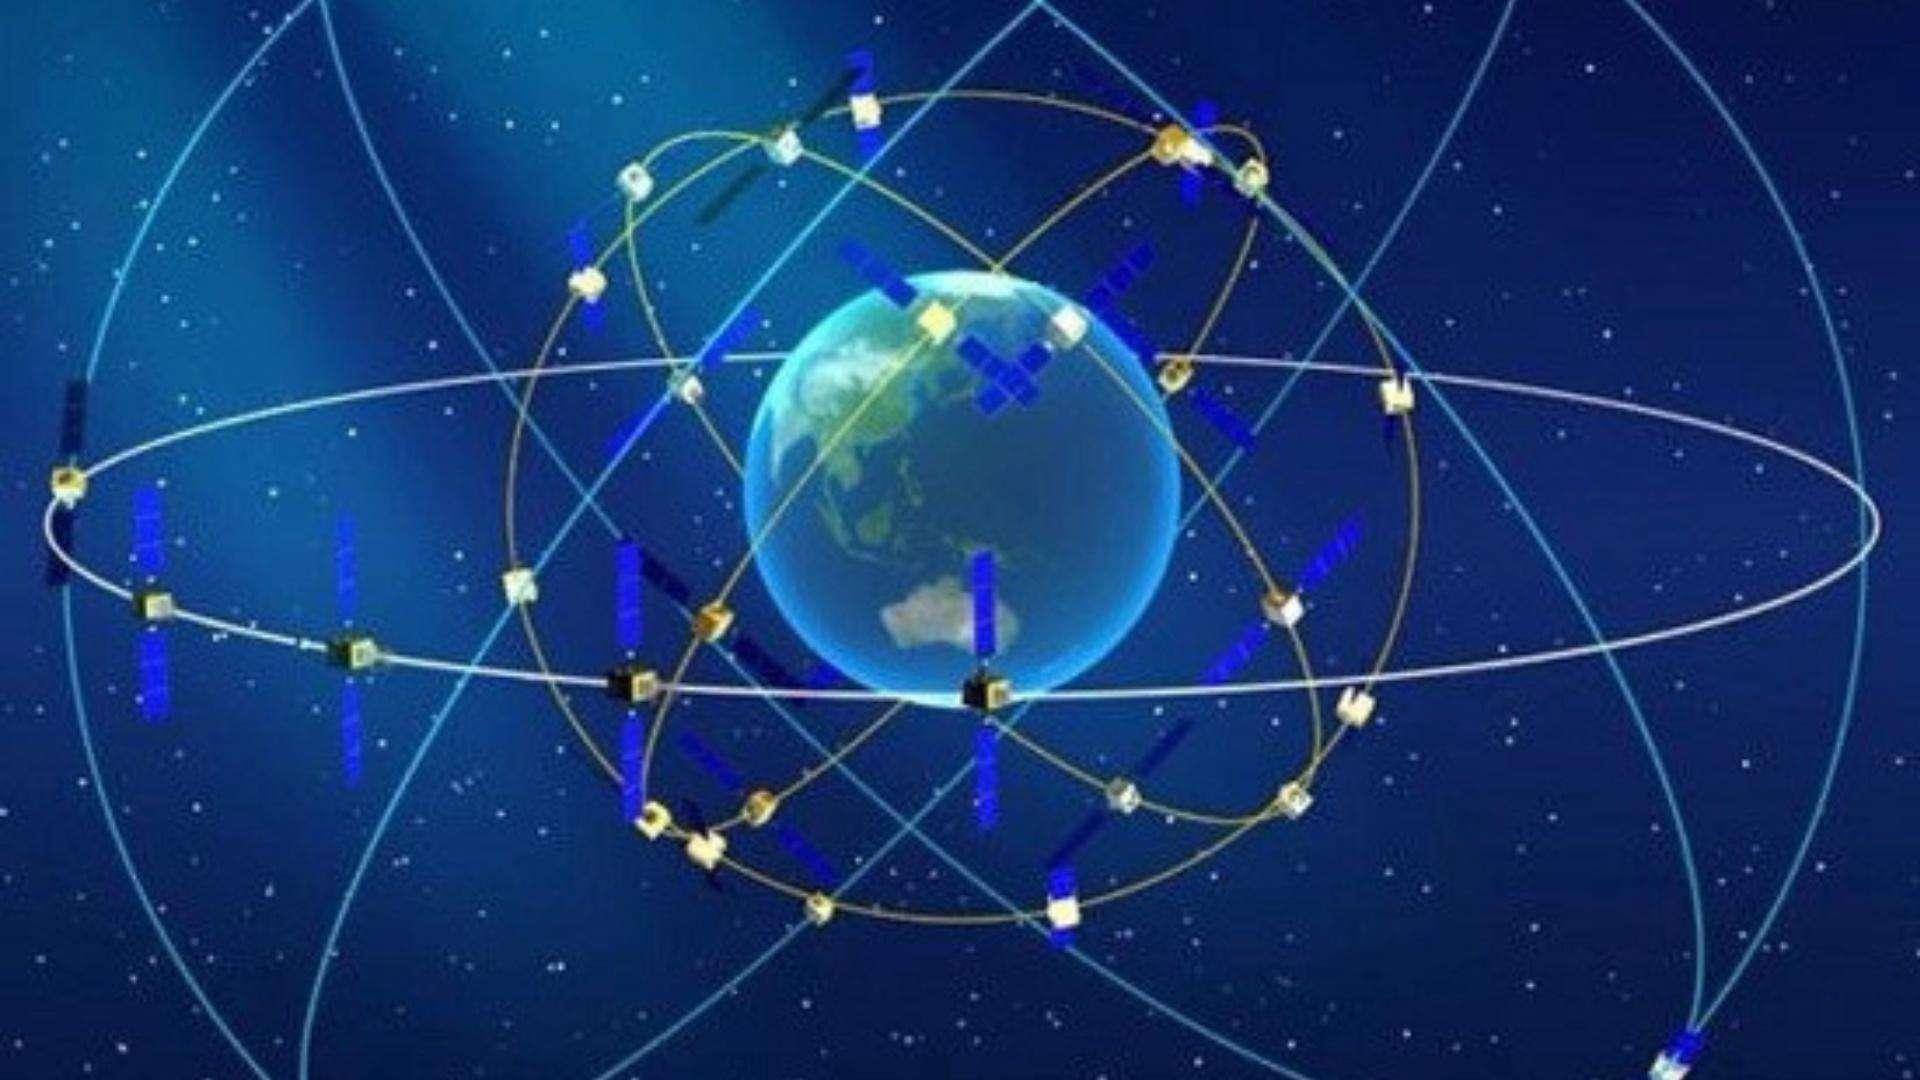 【卫星导航】浅析北斗卫星导航产业链